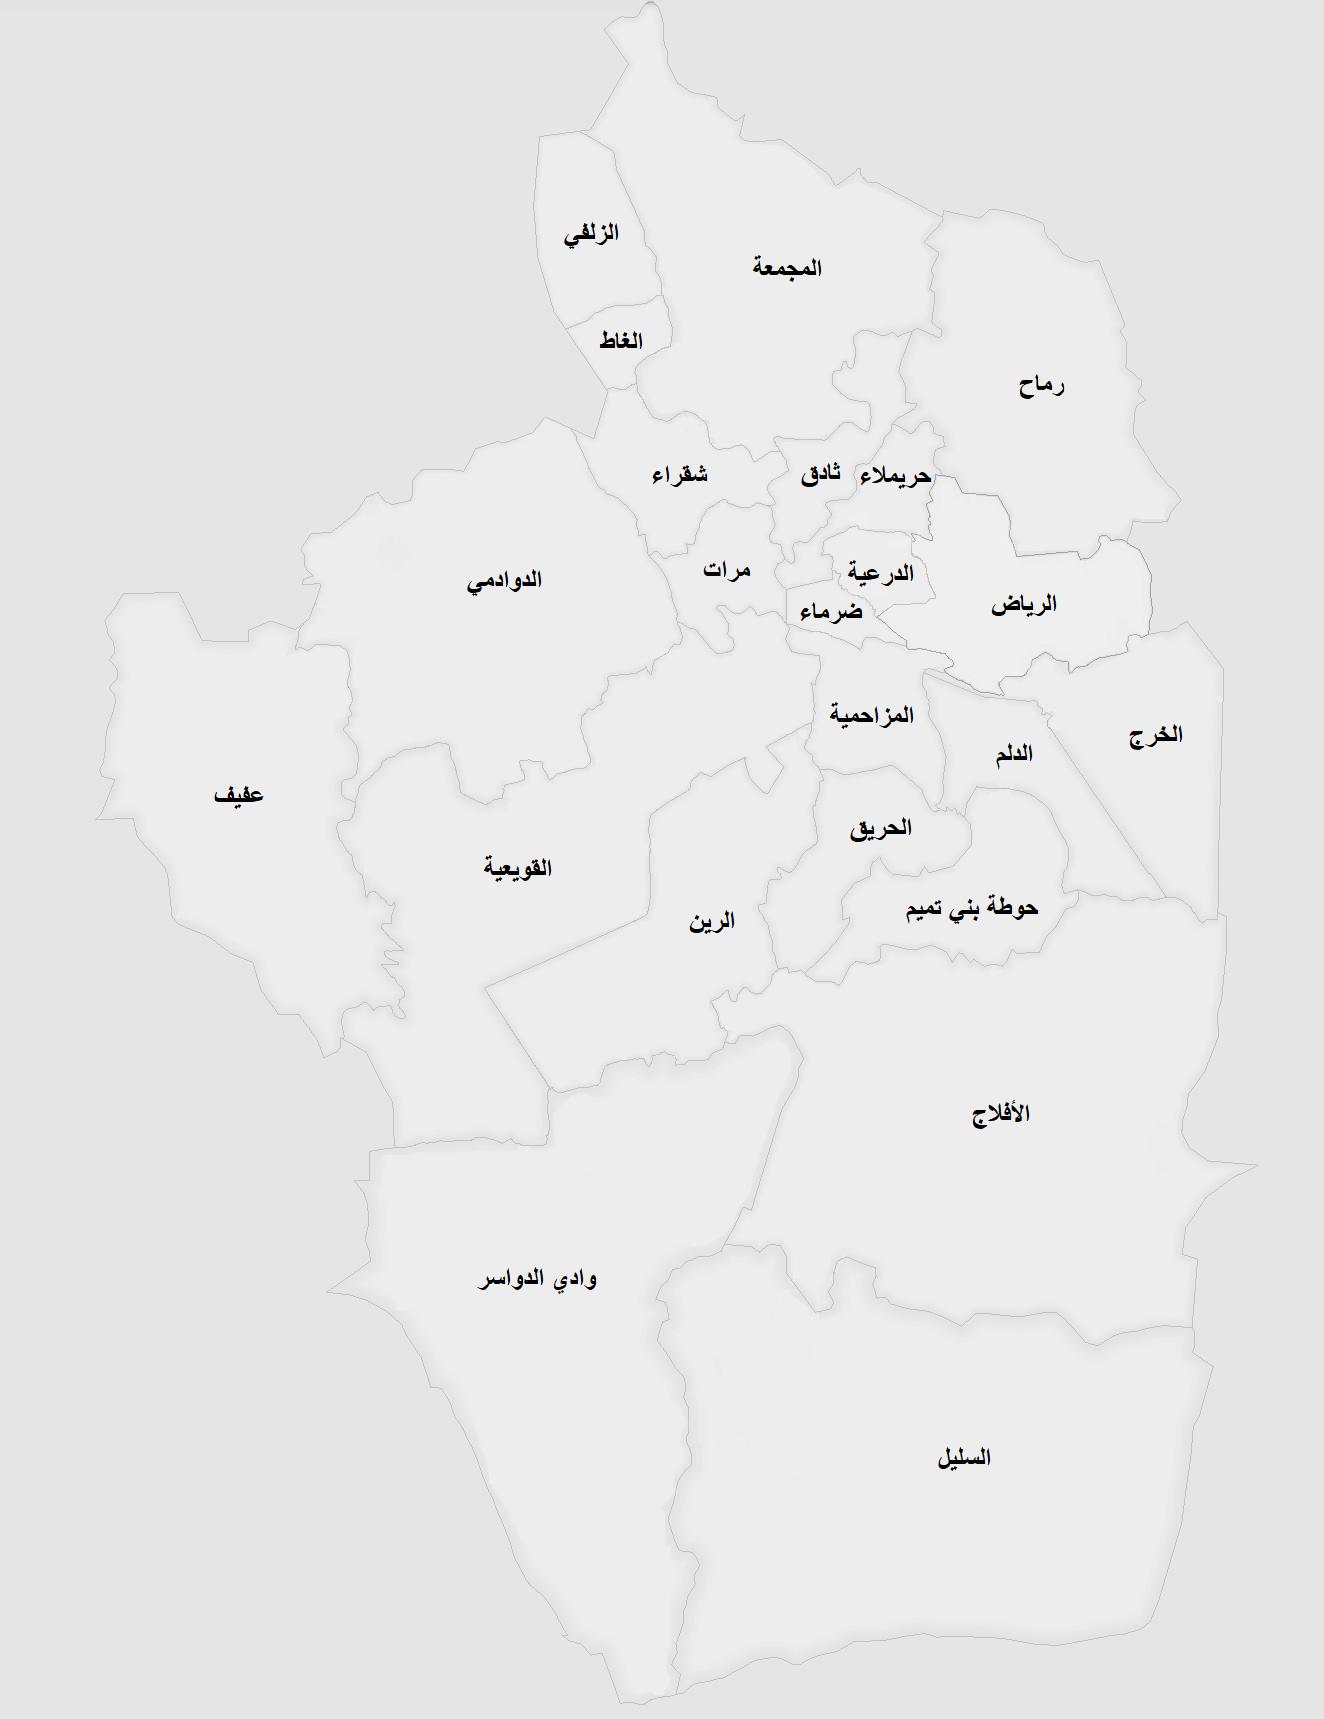 محافظة عفيف ويكيبيديا